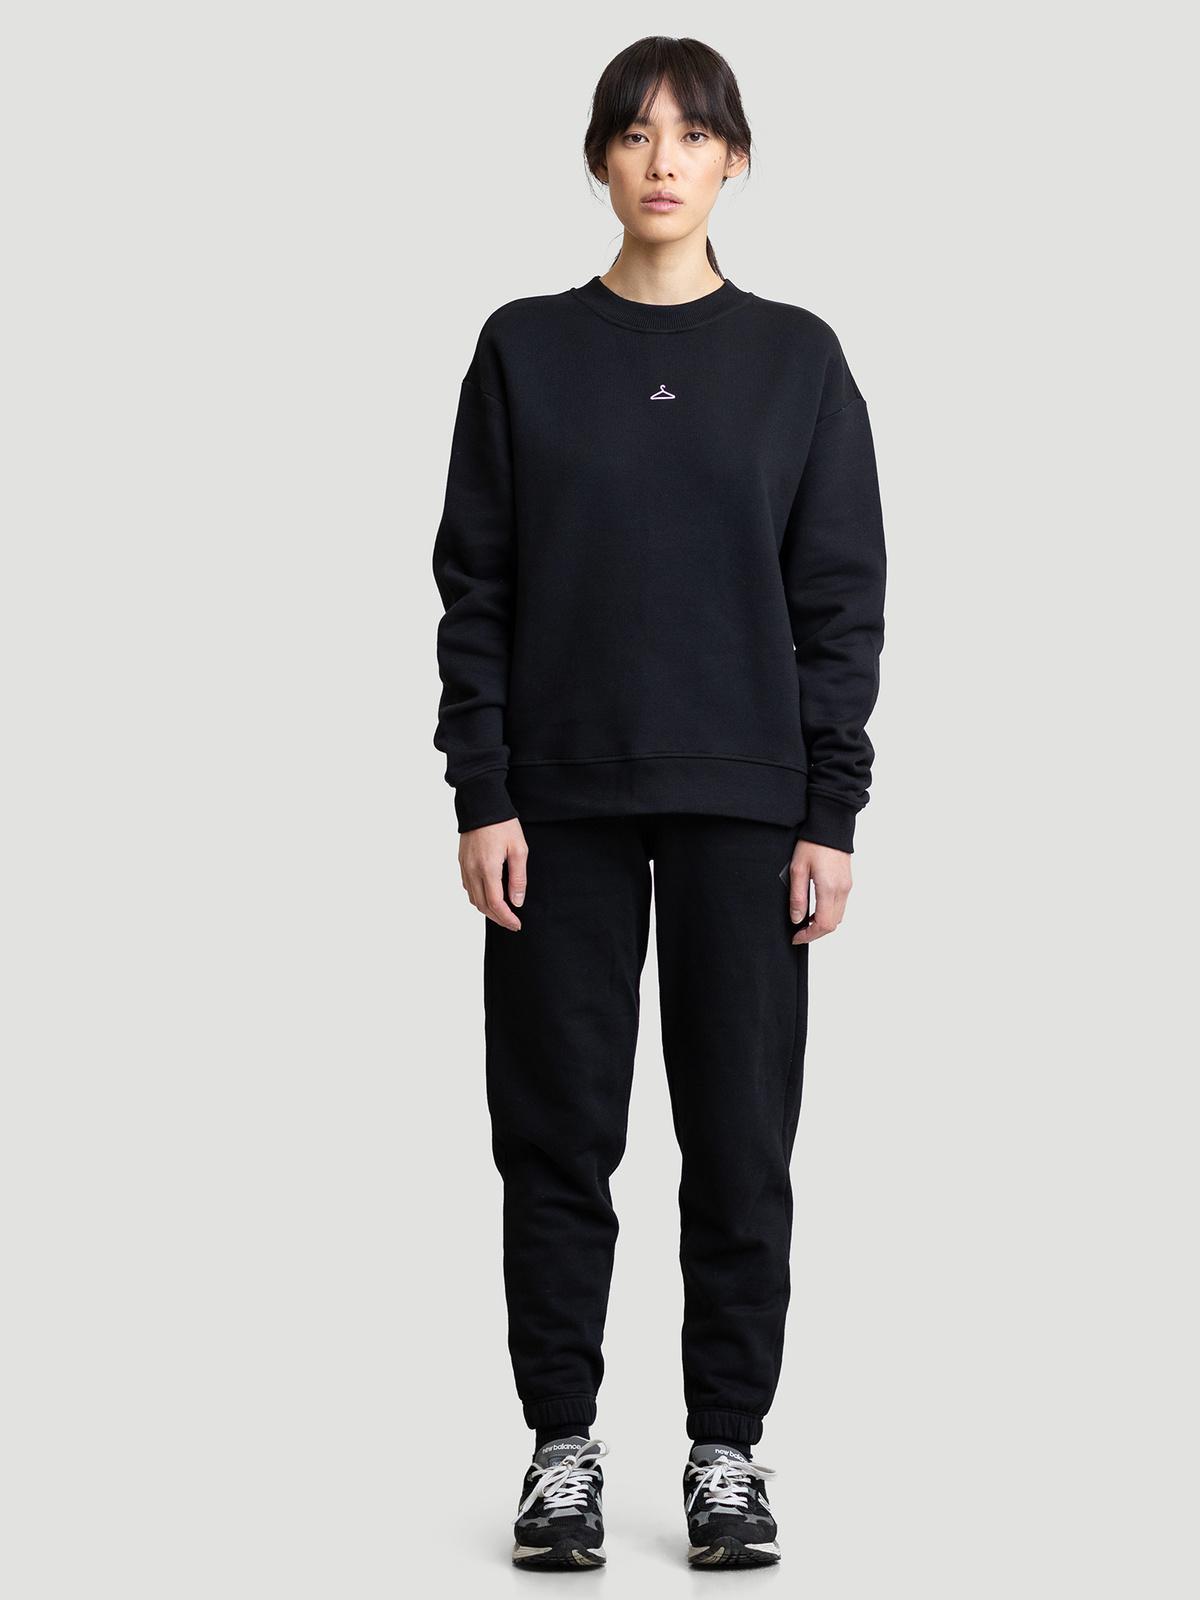 Hanger Trousers Black 0